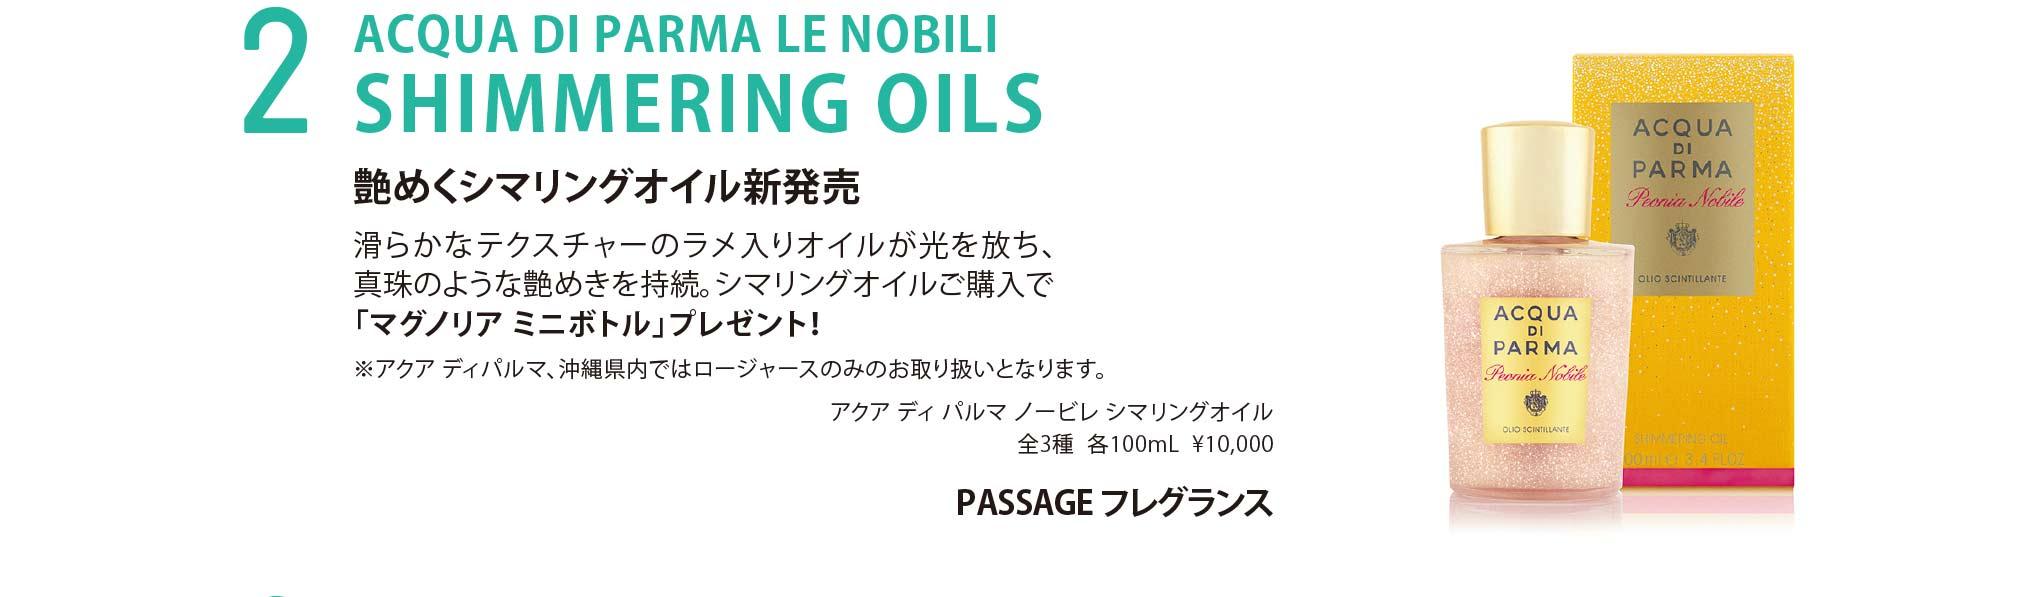 SHIMMERING OILS ACQUA DI PARMA LE NOBILI